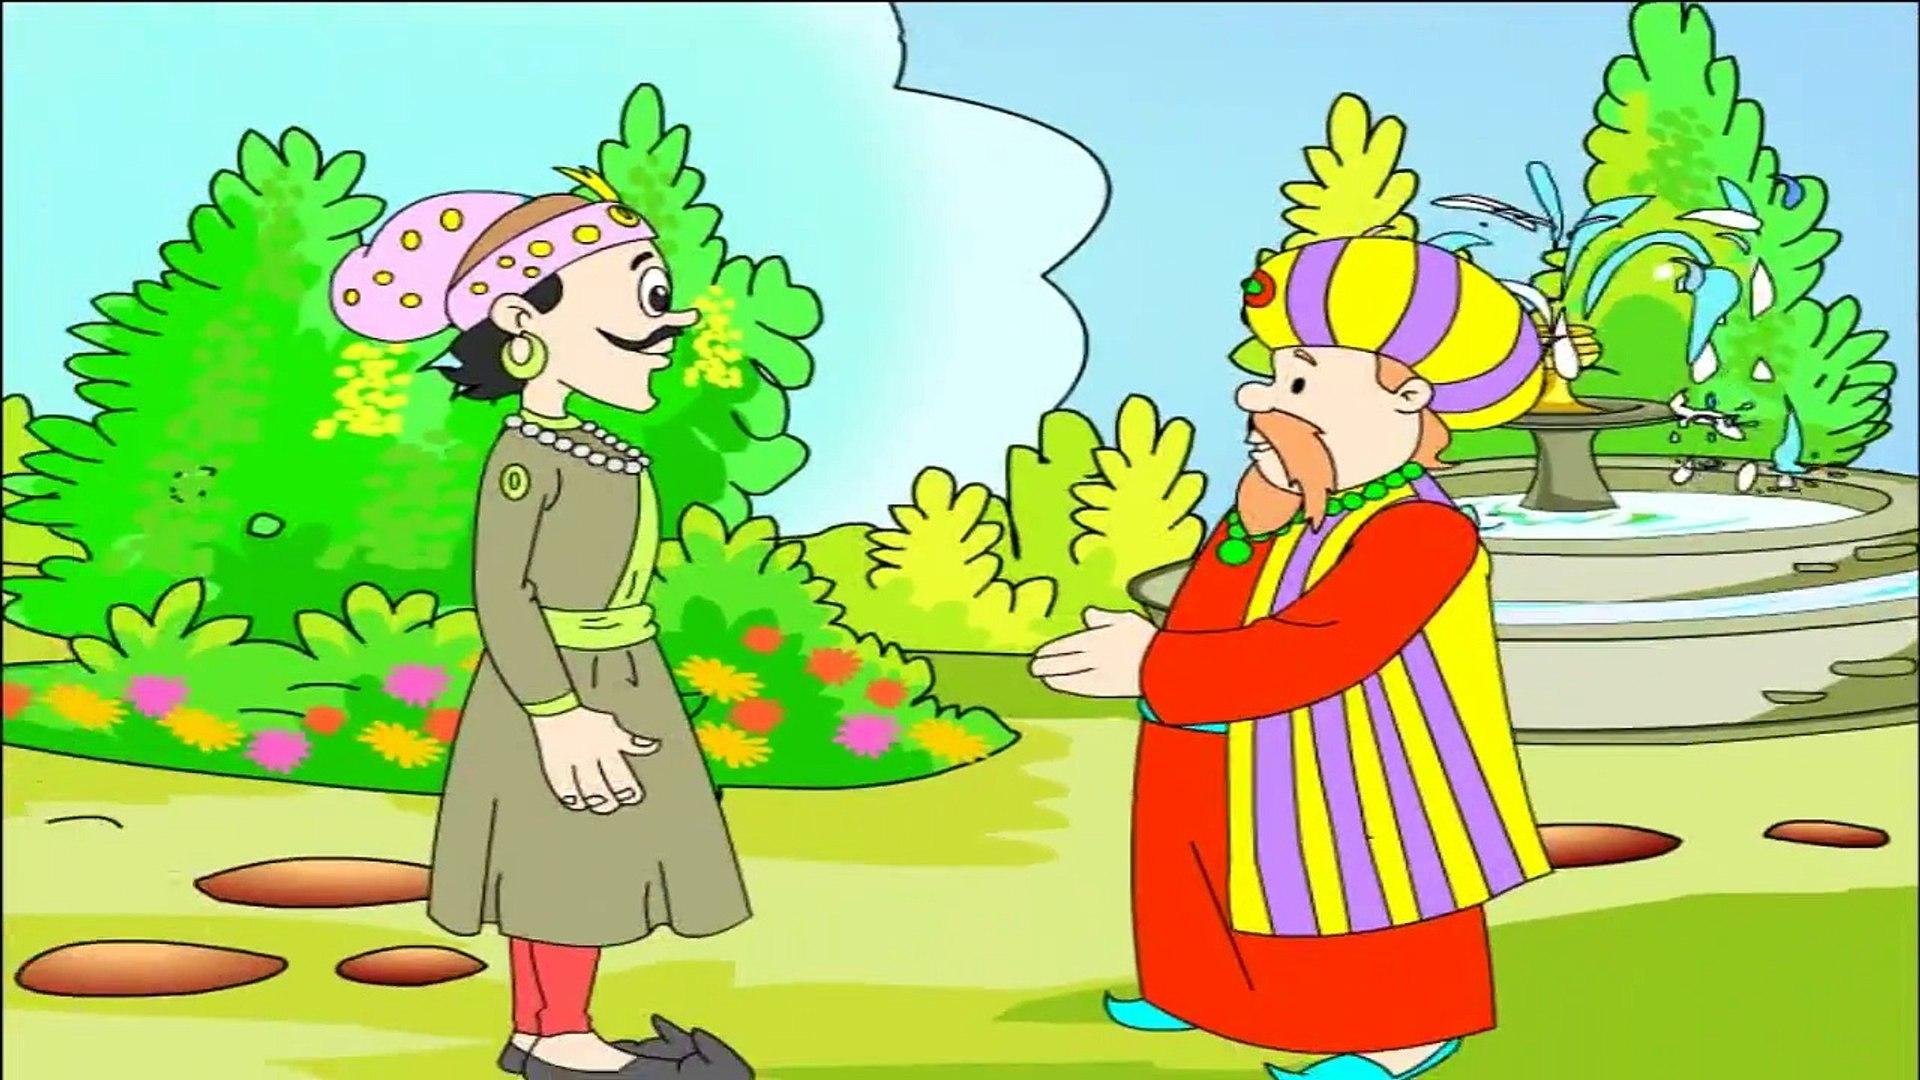 बीरबल की एक और चतुराई ## Hindi Animated Story - Kids Education